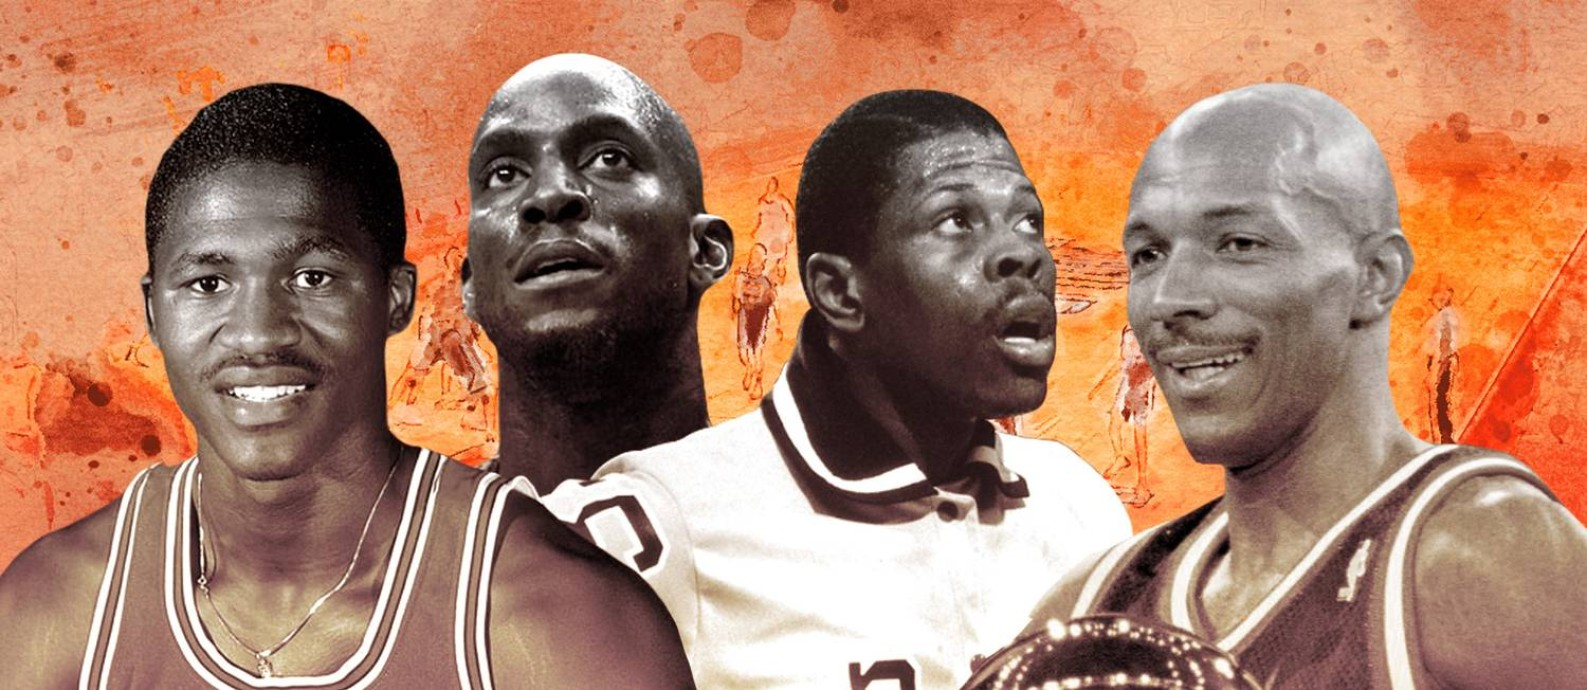 Wilkins, Garnett, Ewing e Drexler: alguns dos maiores da NBA vistos pelos brasileiros Foto: Editoria de Arte